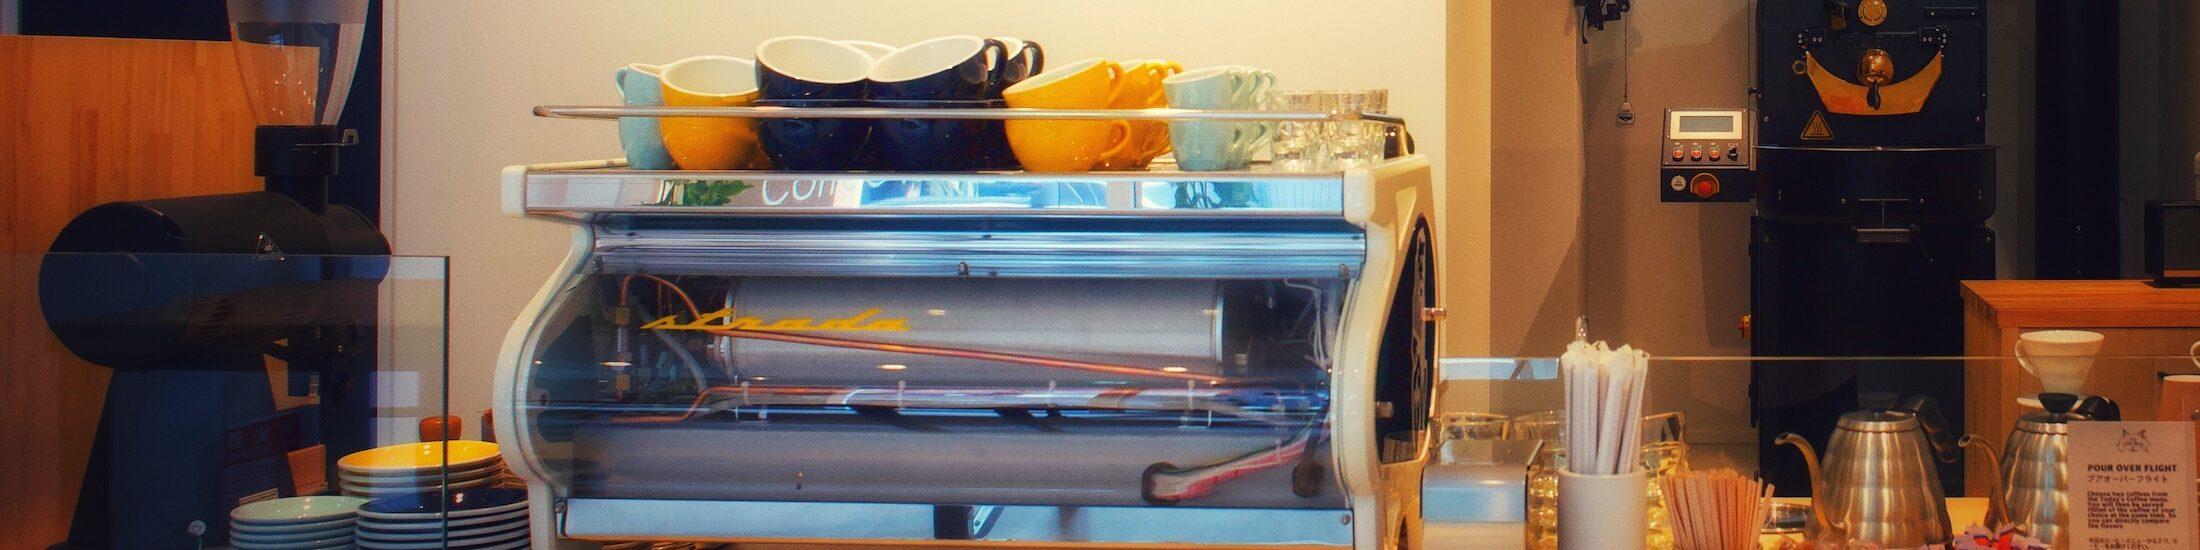 Hier siehst du Günters Kaffeerösterei Tora Coffee Roasters in Japan aus der Gastperspektive. Eine Holztheke mit einer La Marzocco Siebträgermaschine darauf, verschiedene Zubereitungsmethoden, Milchkännchen usw. auf der Bar. Im Hintergrund hängt an einer Wand auf Holz geschrieben das Kaffeemenü und hinten rechts in der Ecke steht die Kaffeeröstmaschine. Ein Probat 5kg Röster, Probatone 5.